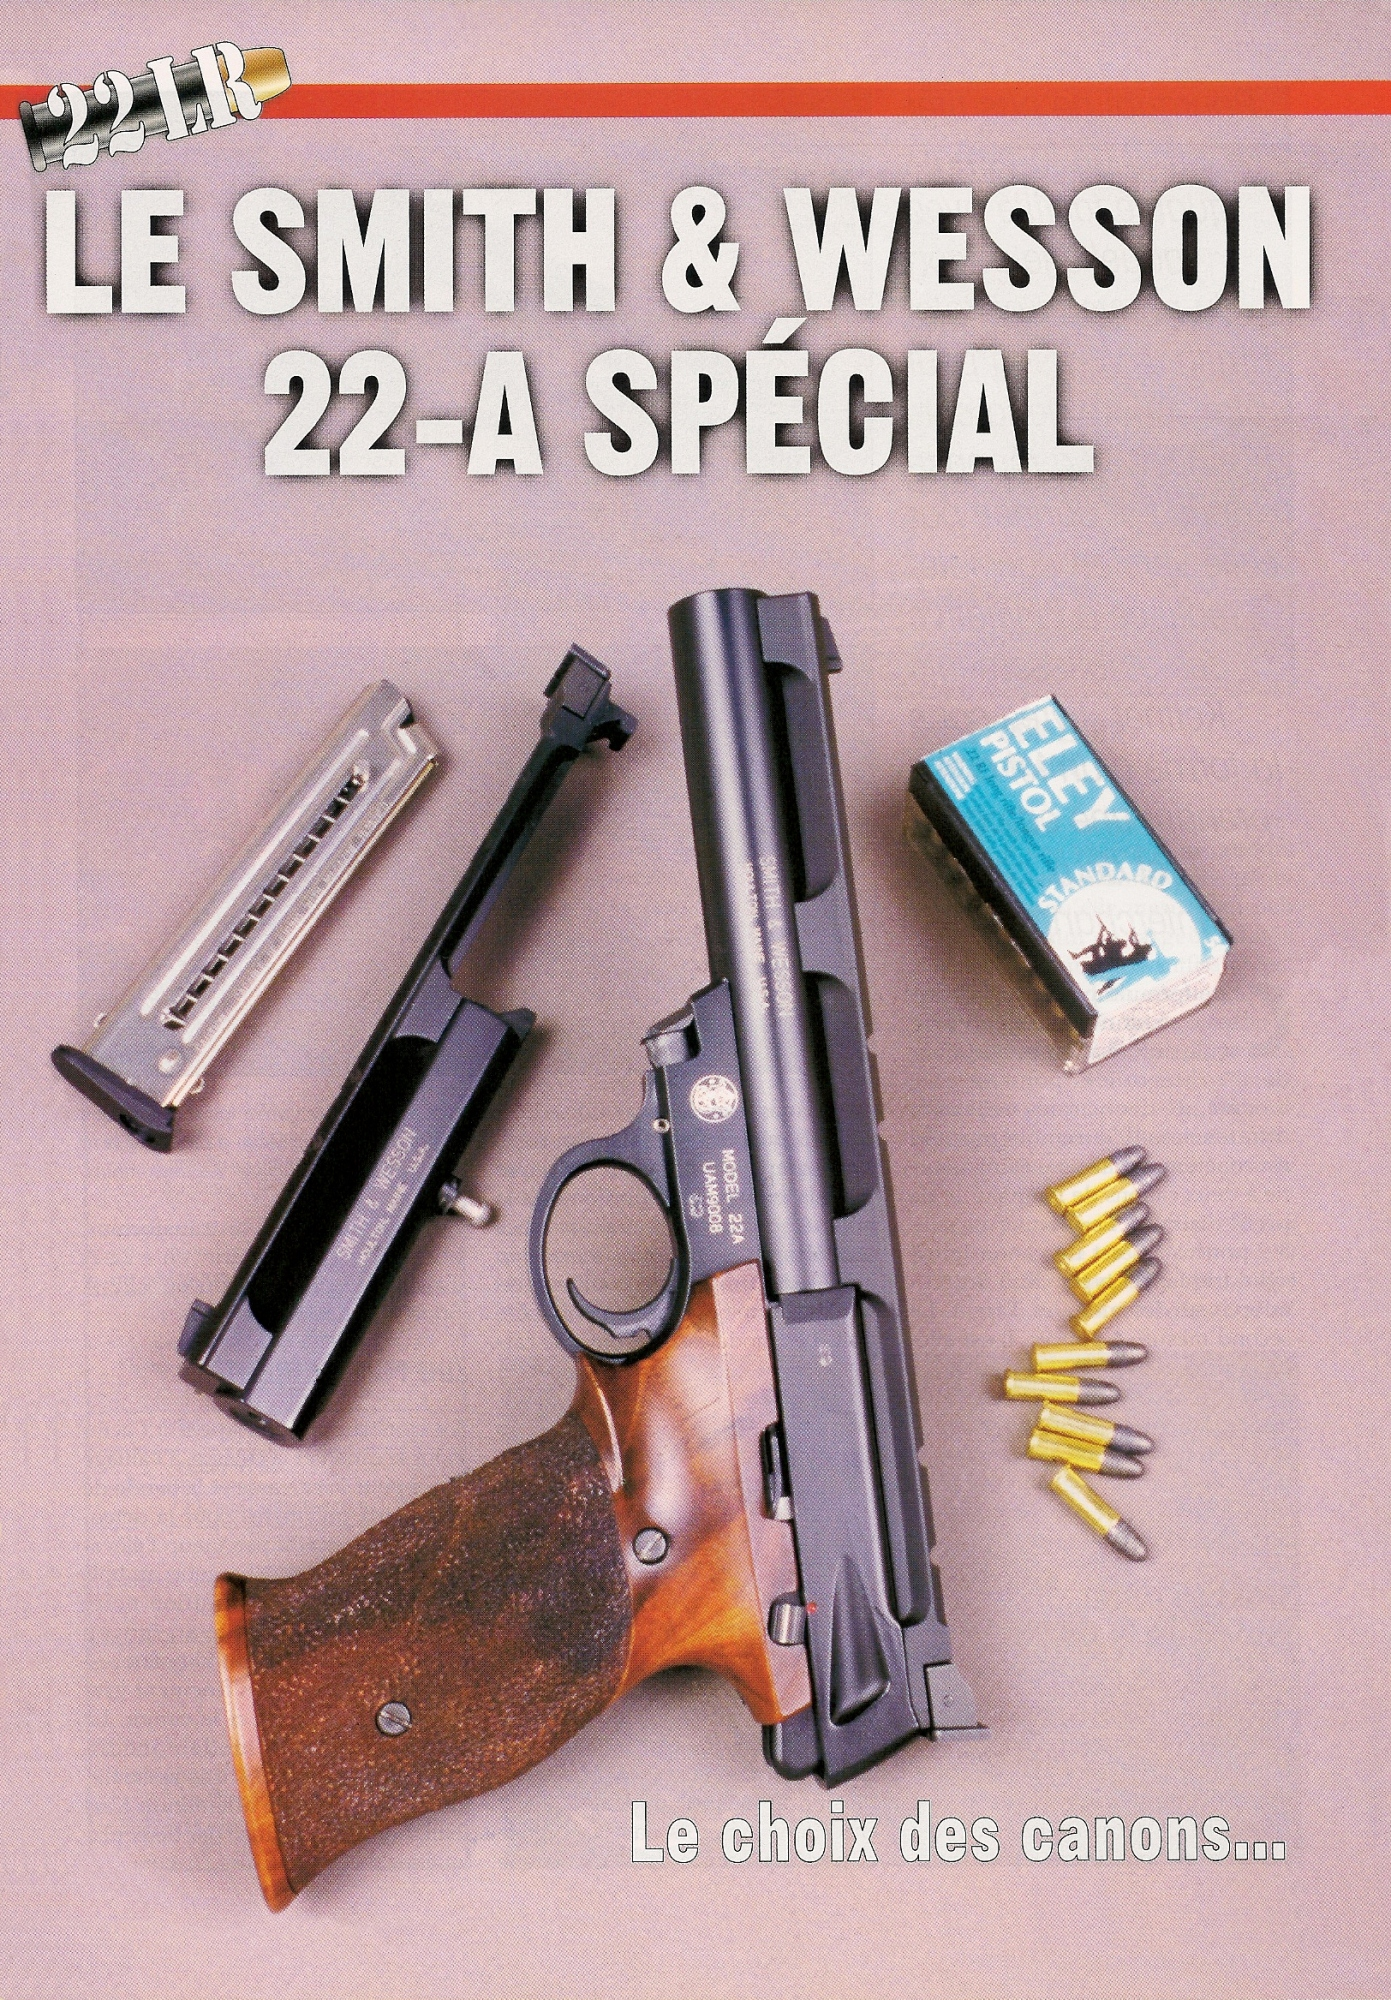 Le Smith & Wesson Special se présente comme un pistolet sportif multi-configuration, livré avec deux canons instantanément interchangeables, de taille et de profil distincts.